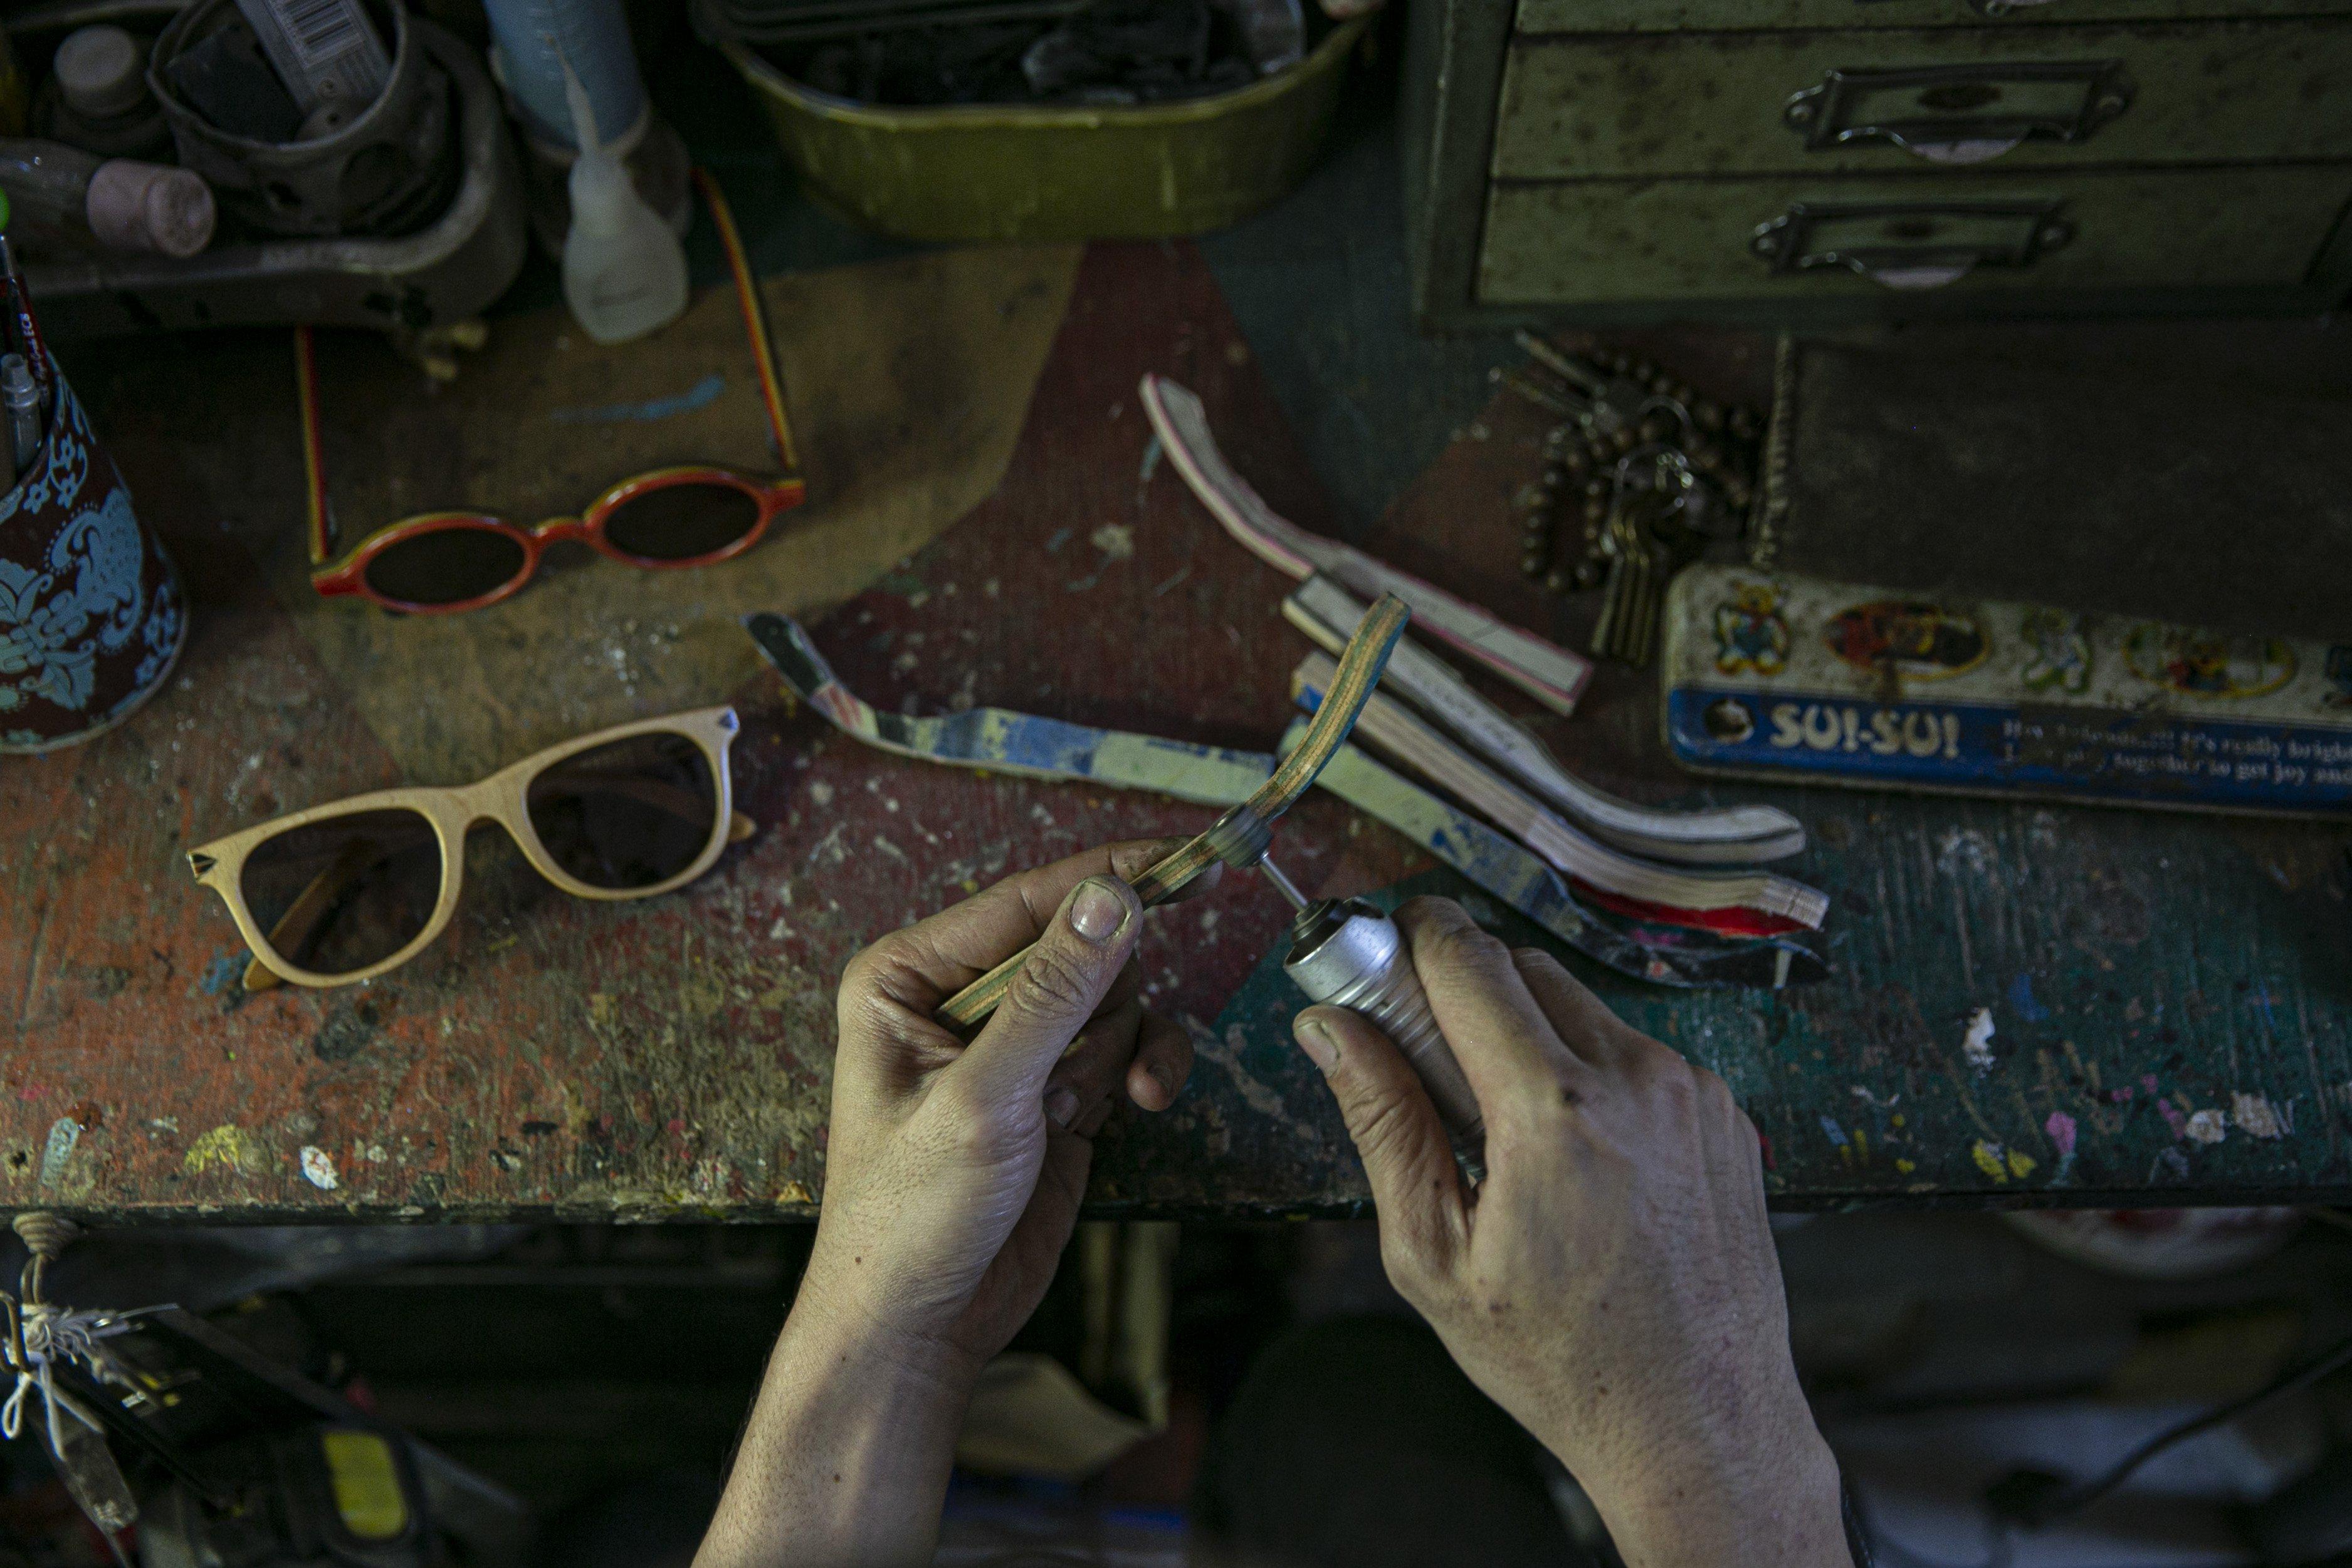 Bonny Andrew (34) menyelesaikan pembuatan kacamata kayu di workshopnya di kawasan Kramat Jati, Jakarta Timur, Kamis (1/10/2020). Dibuat dari limbah papan skate, produk kacamata tersebut dibandrol dengan harga mulai dari Rp. 1.200.000 hingga Rp. 1.500.000. Tidak hanya menyasar pasar lokal produk kacamata kabau juga sudah merambah ke pasar mancanegara seperti Australia, Amerika, Swiss, dan Jepang.